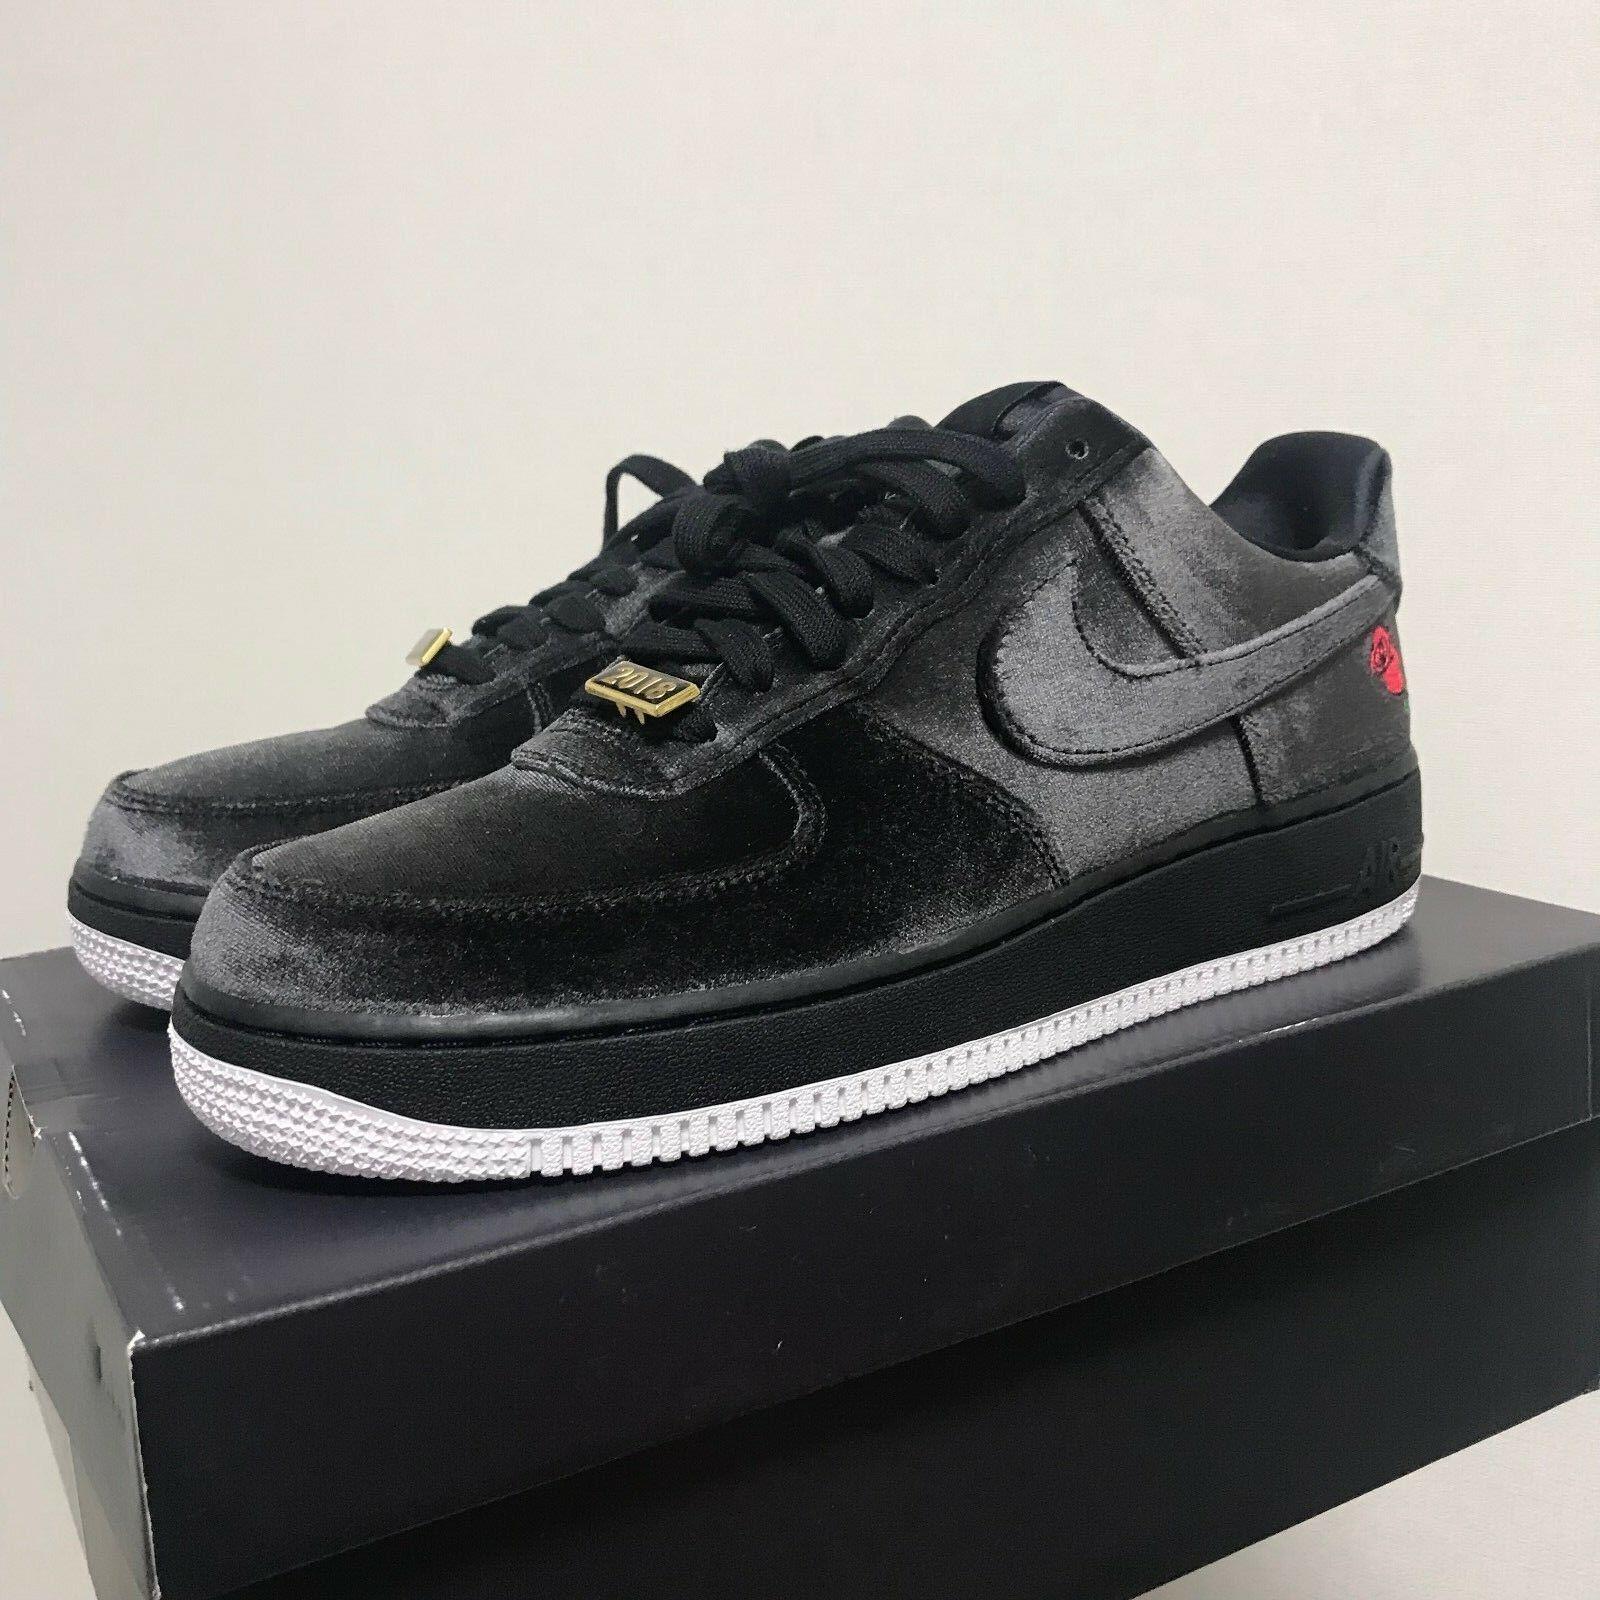 Nike Air Force 1 '07 QS Black Velvet pink AF1 shoes  AH8462-003 Size 10 Limited